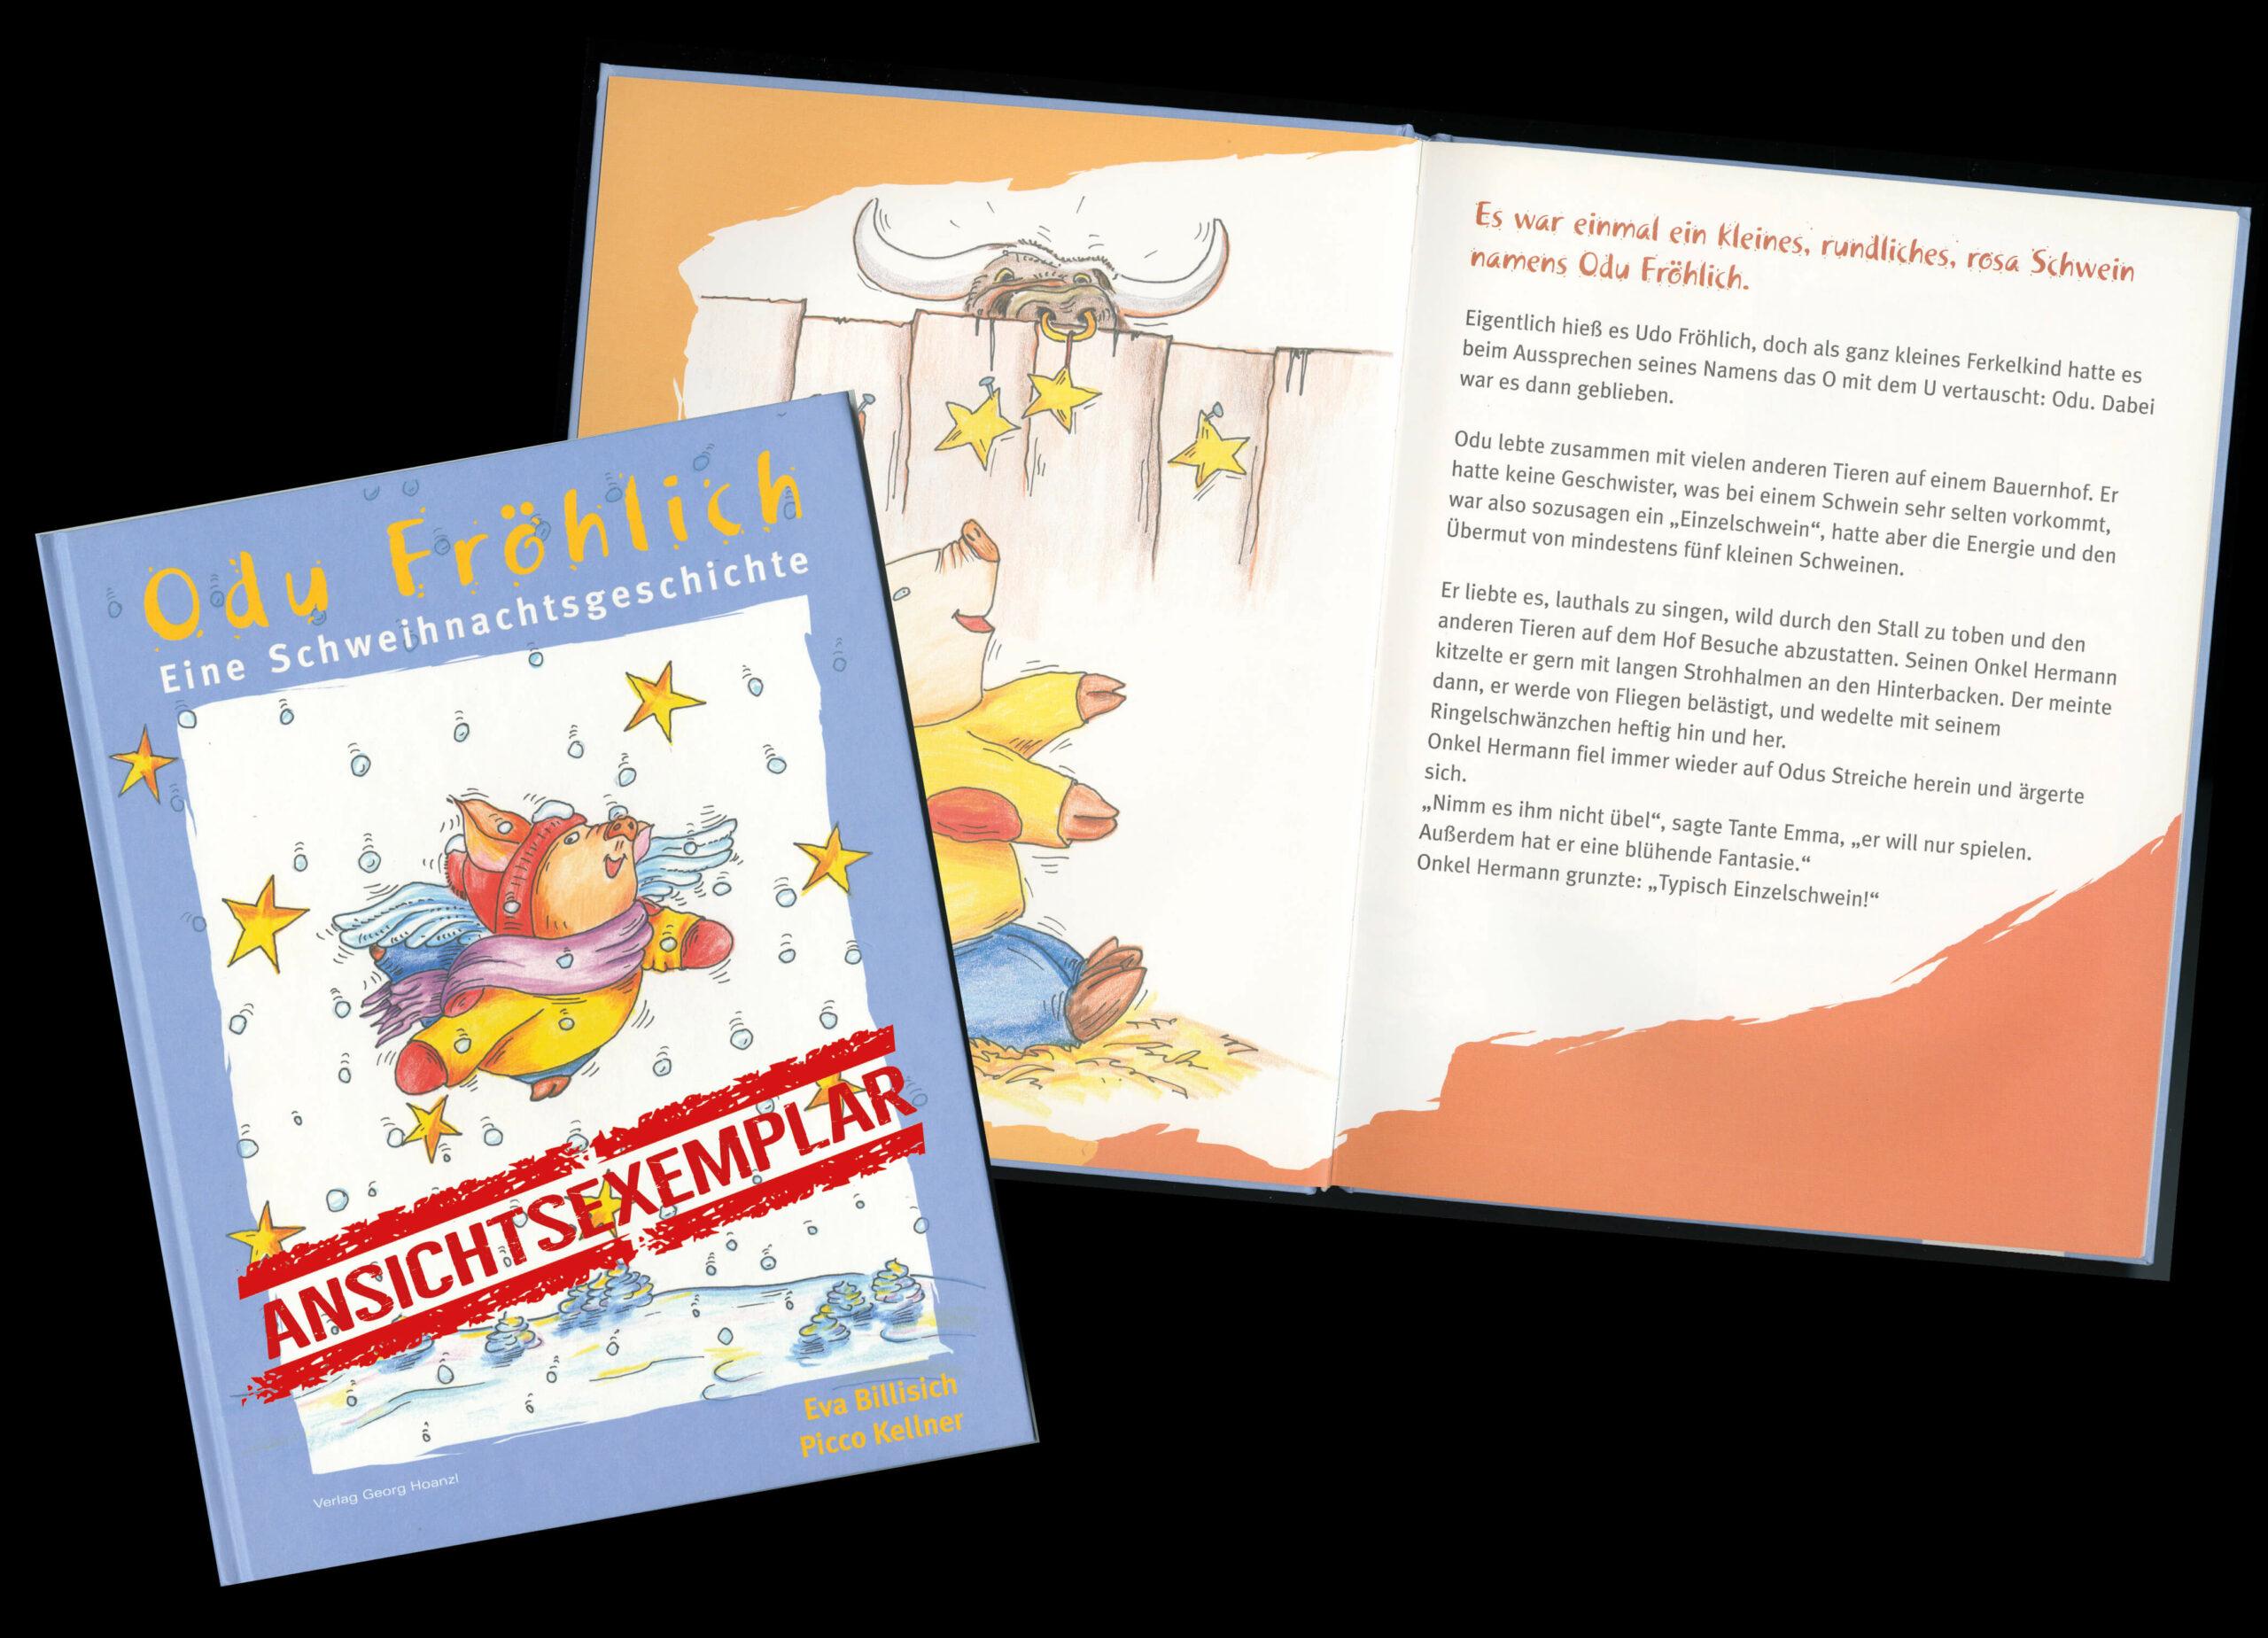 ODU FRÖHLICH – Buch zur Ansicht